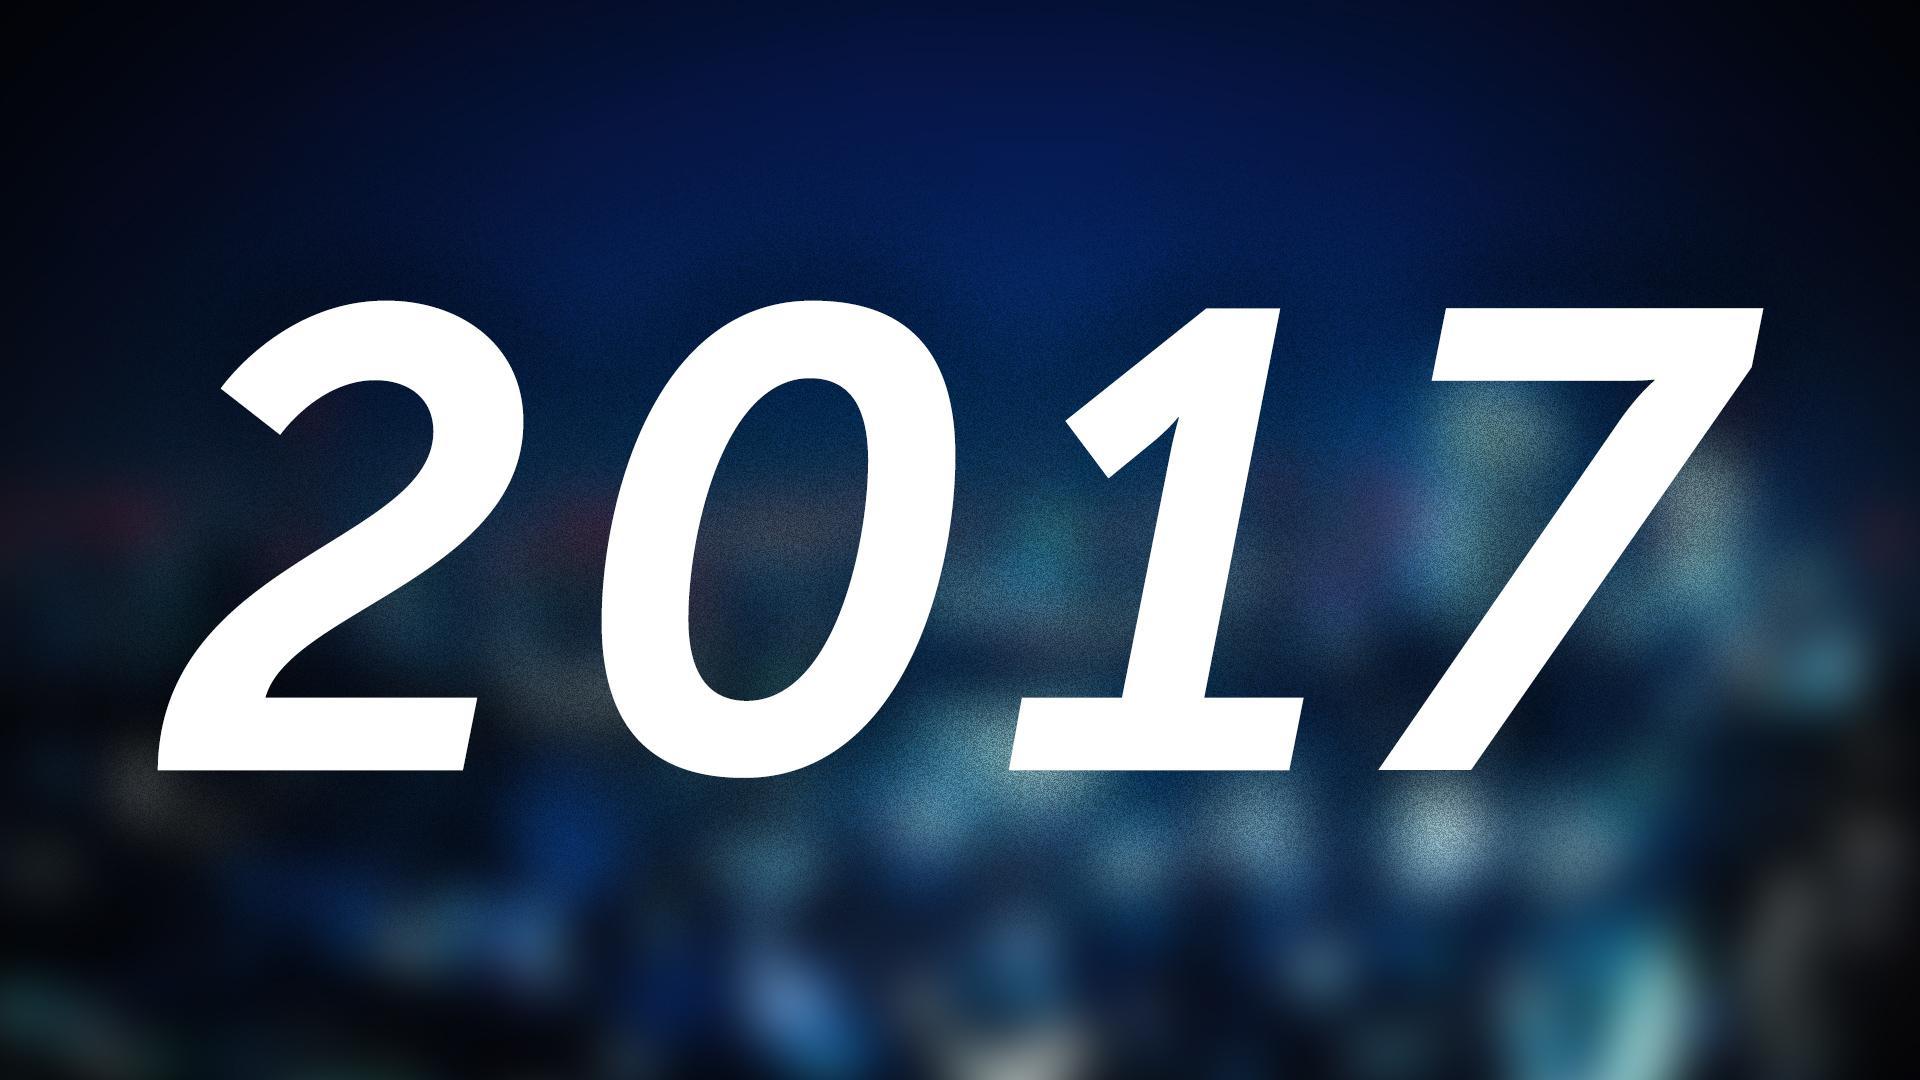 Este es el nuevo cronograma de feriados en Argentina para 2017